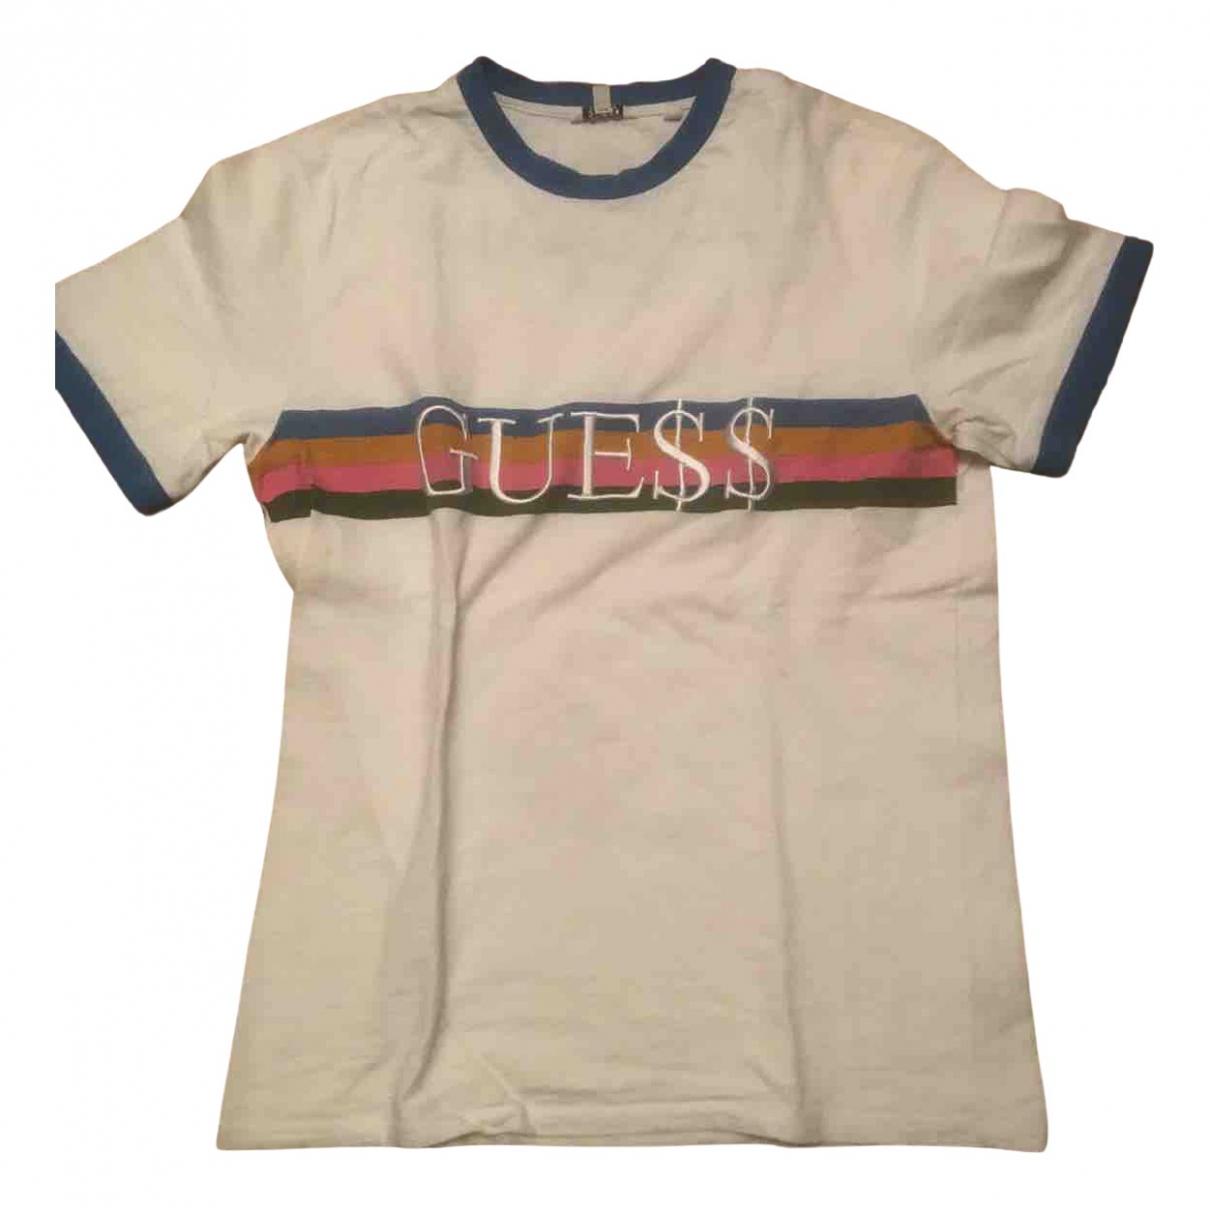 Guess - Tee shirts   pour homme en coton - multicolore